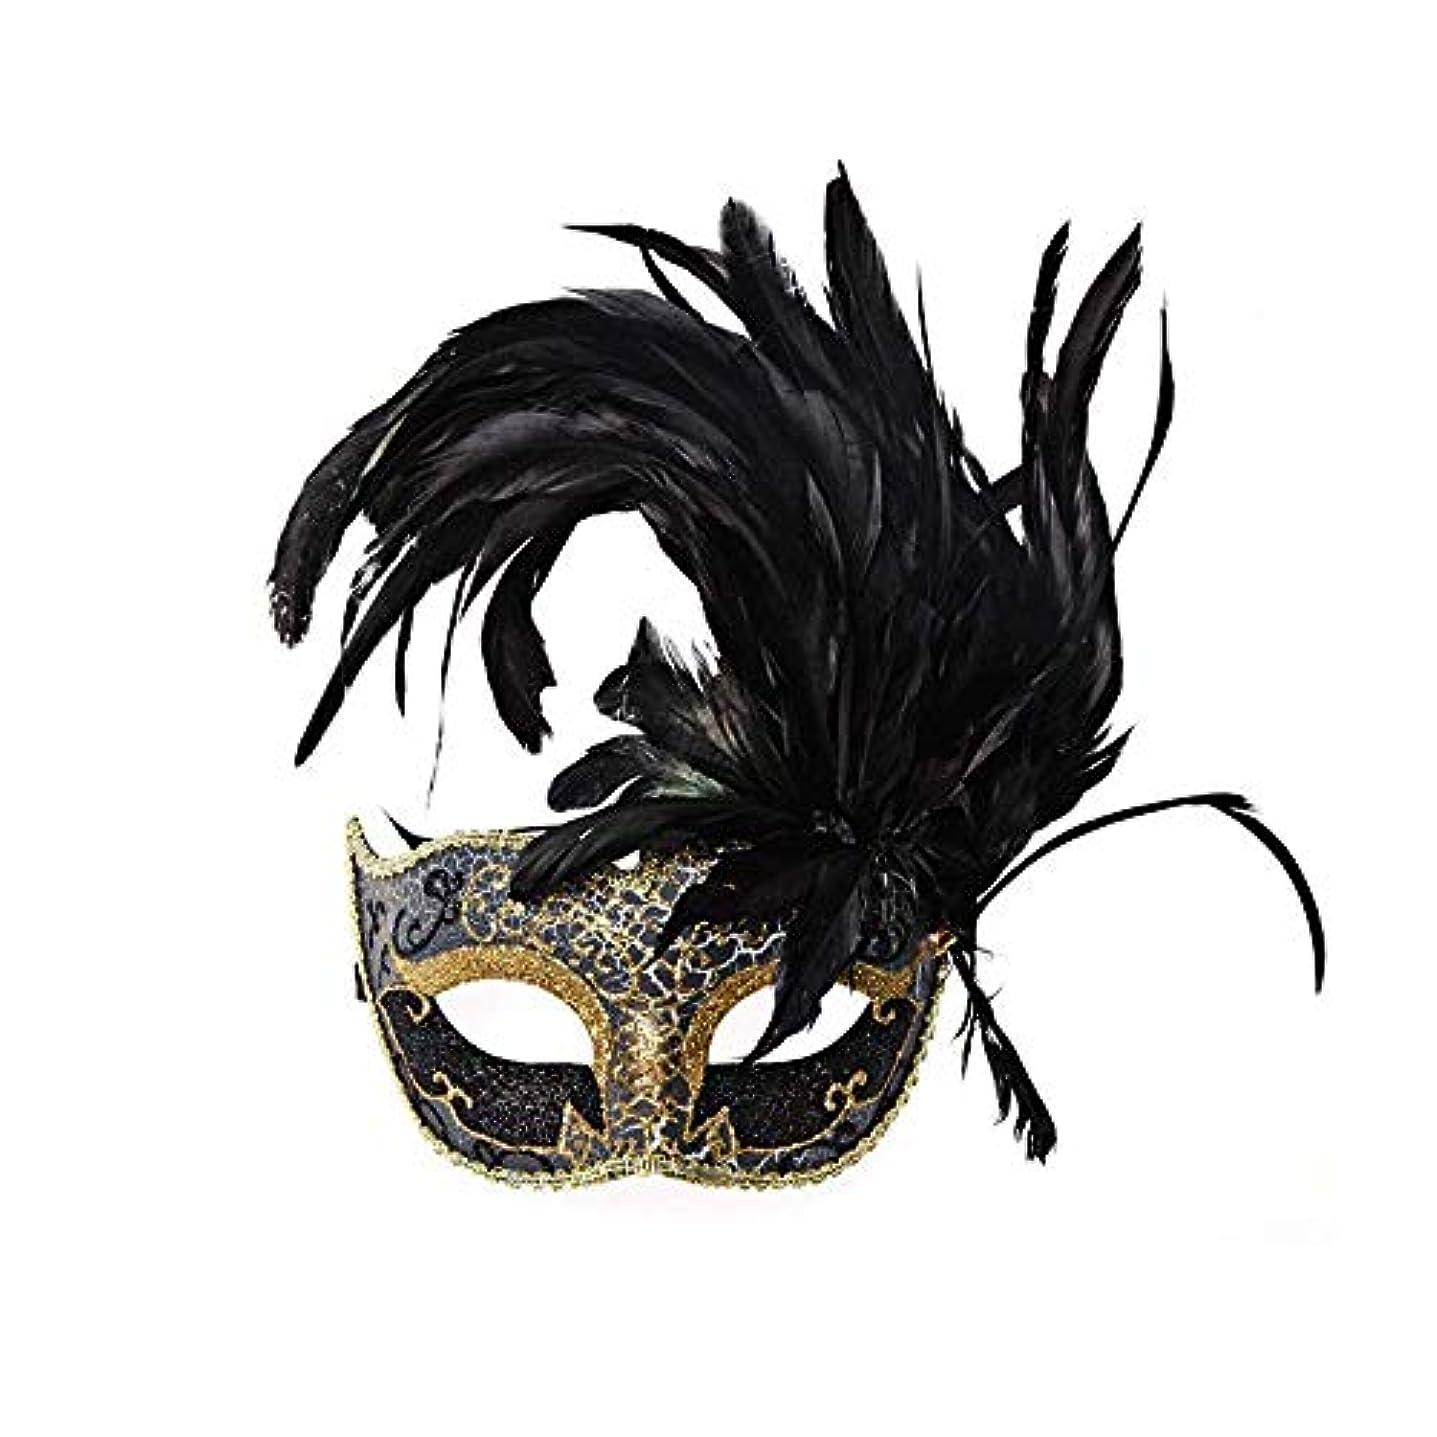 ウナギ抑止するビルダーNanle ハロウィンマスクハーフフェザーマスクベニスプリンセスマスク美容レース仮面ライダーコスプレ (色 : Style A black)